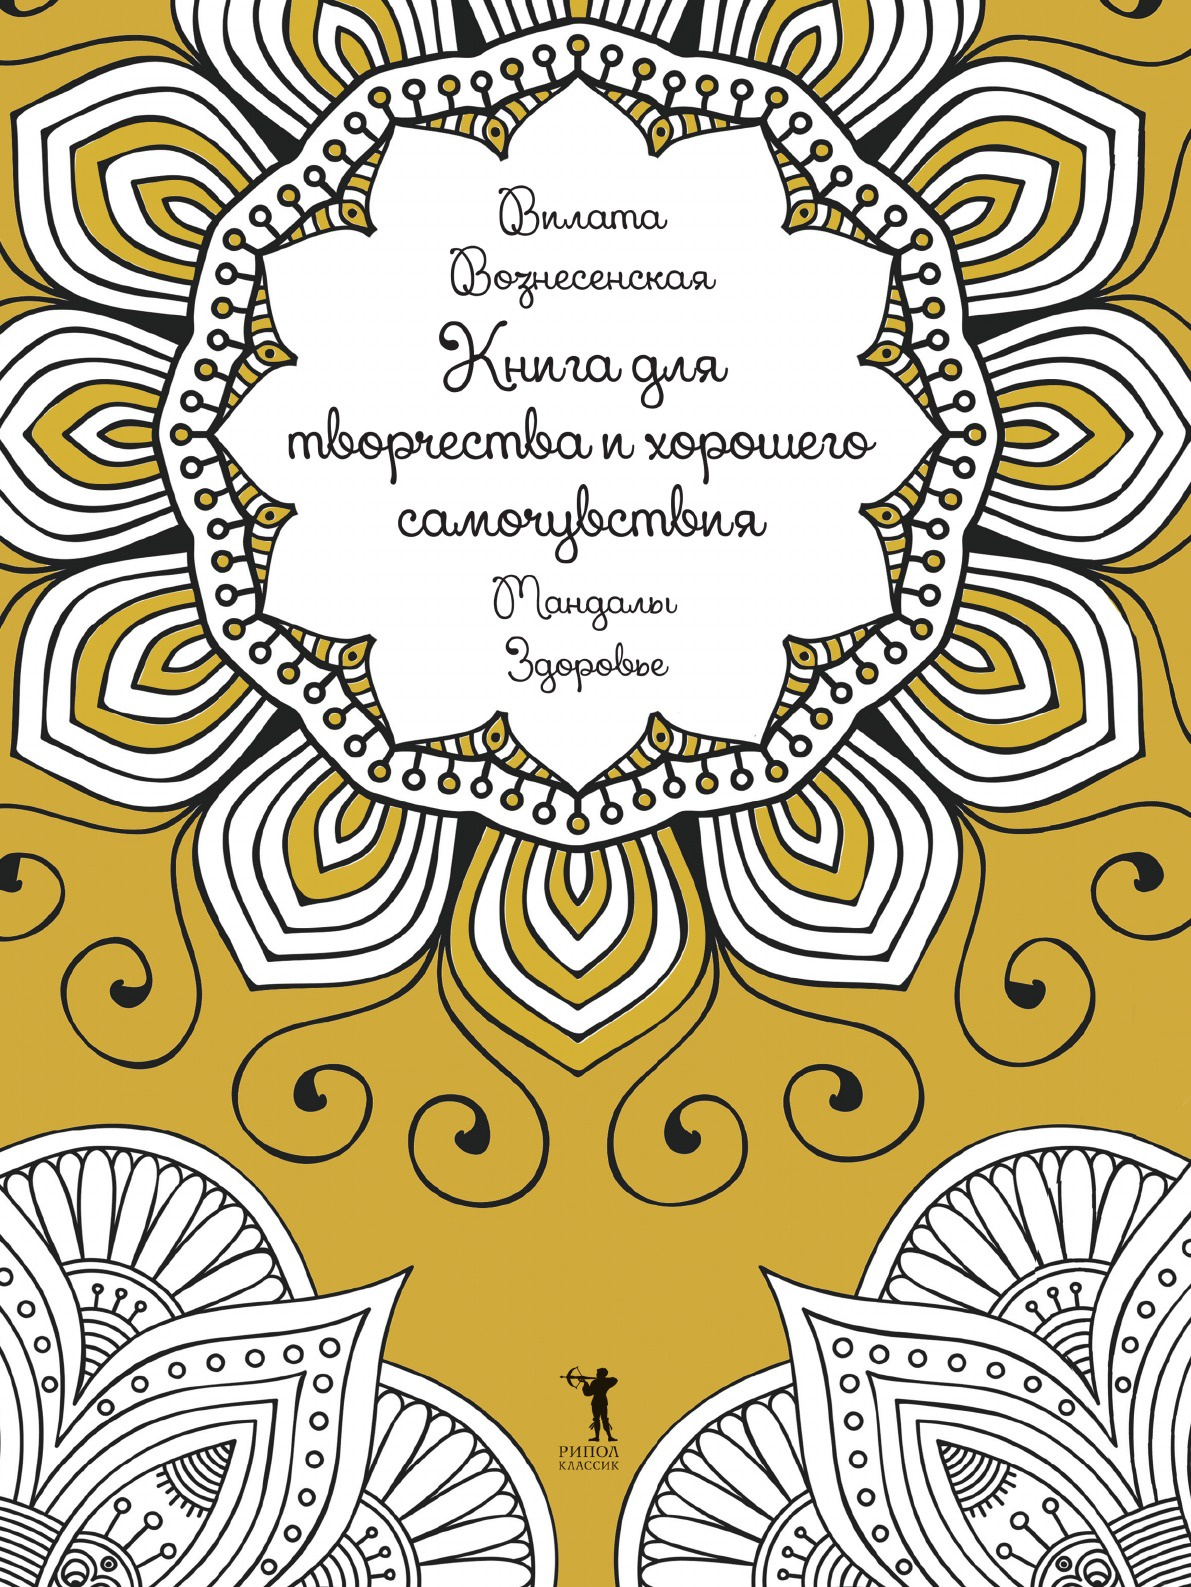 Вилата Вознесенская Книга для творчества и хорошего самочувствия. Мандалы. Здоровье